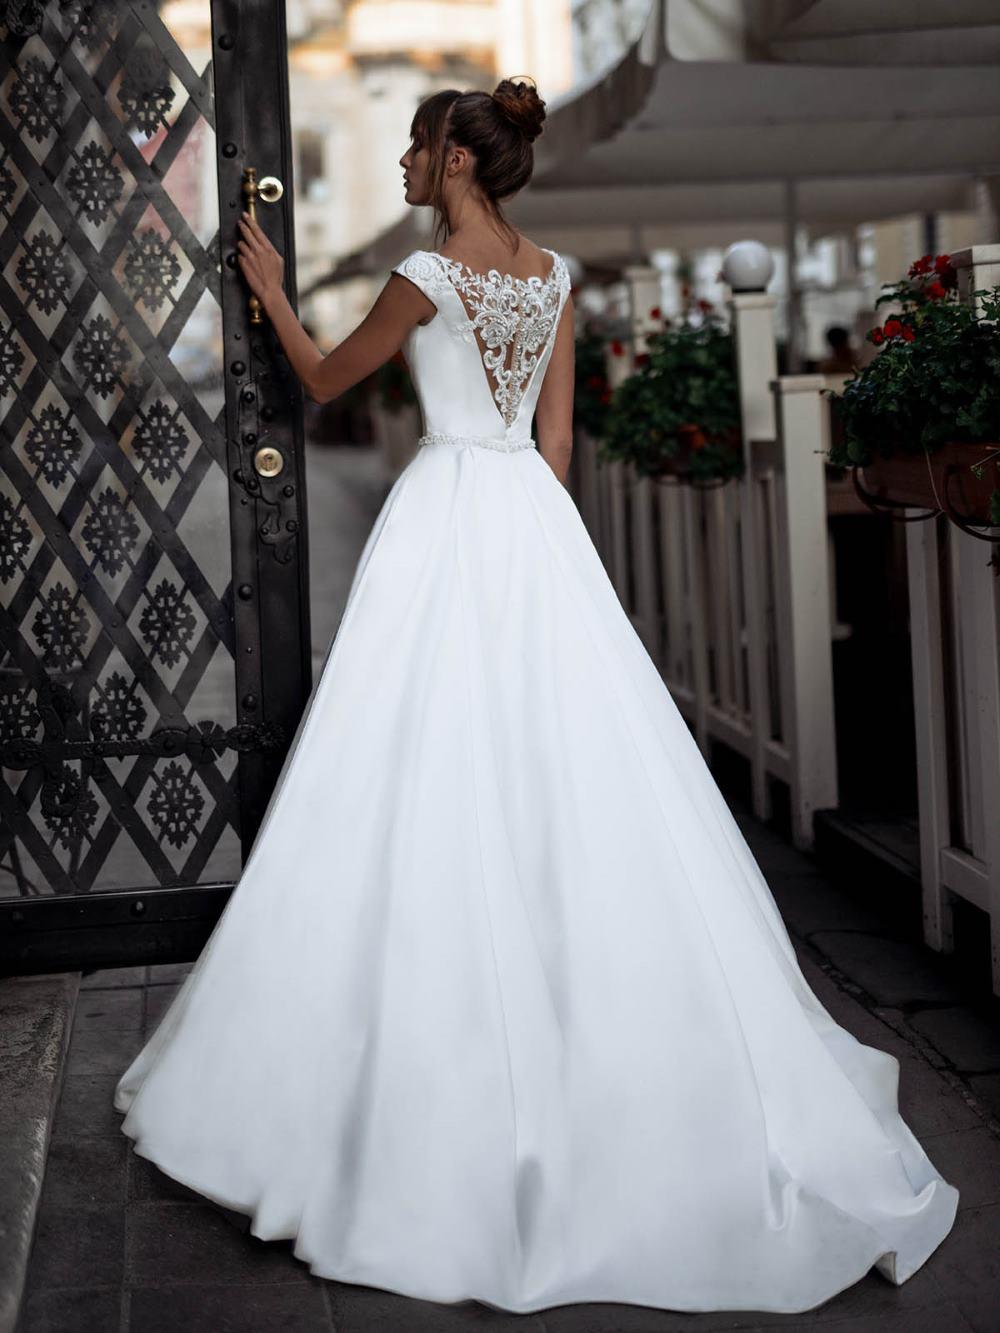 d2260dab973 Свадебное платье Lizzy - купить свадебные платья в Санкт-Петербурге